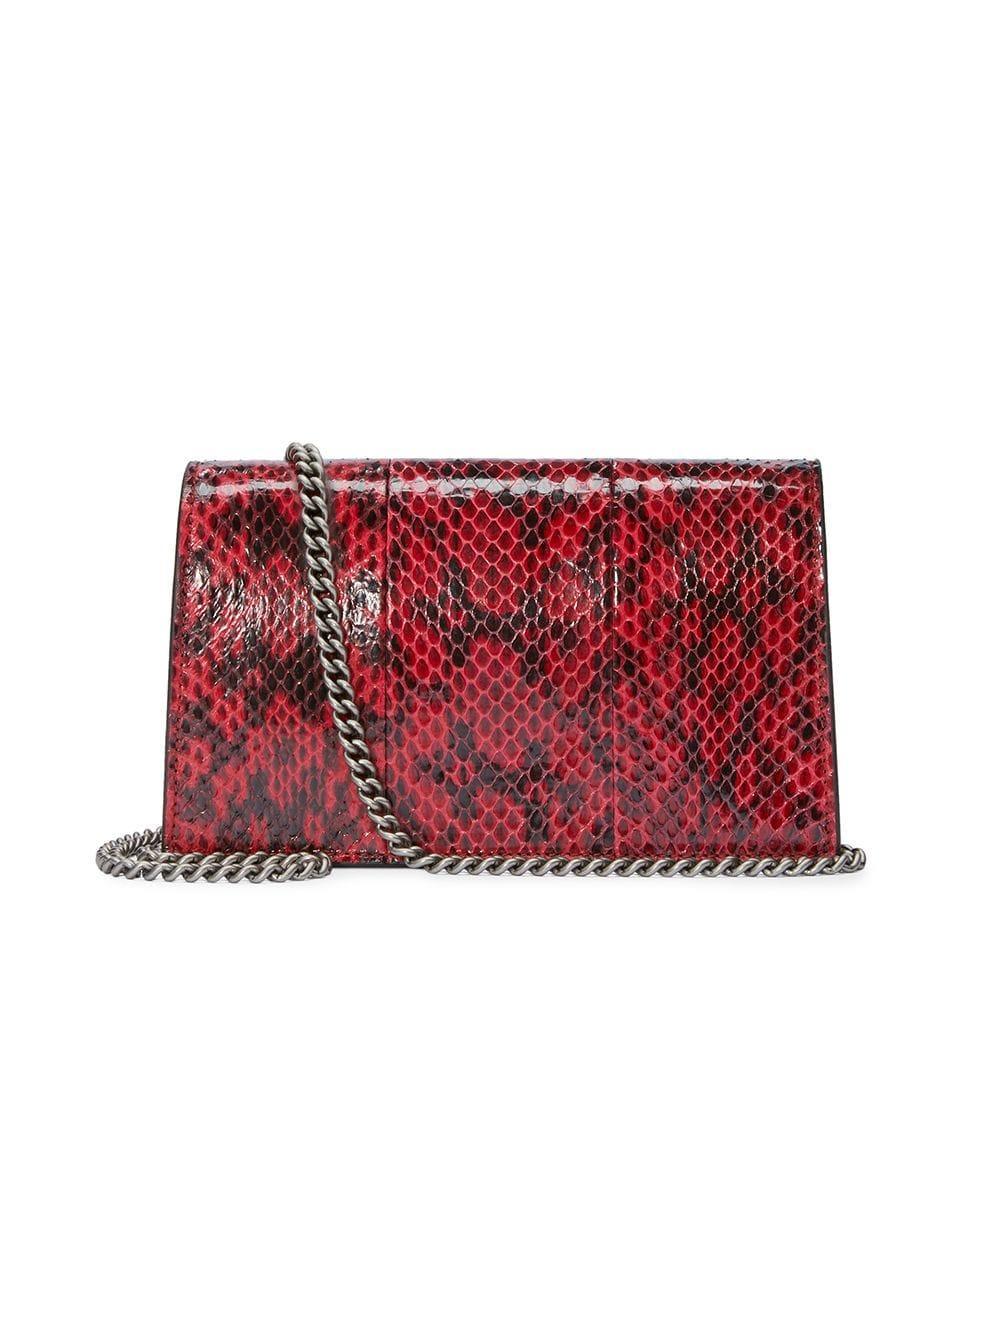 a74bcd36a2a Lyst - Gucci Dionysus Super Mini Snakeskin Bag in Red